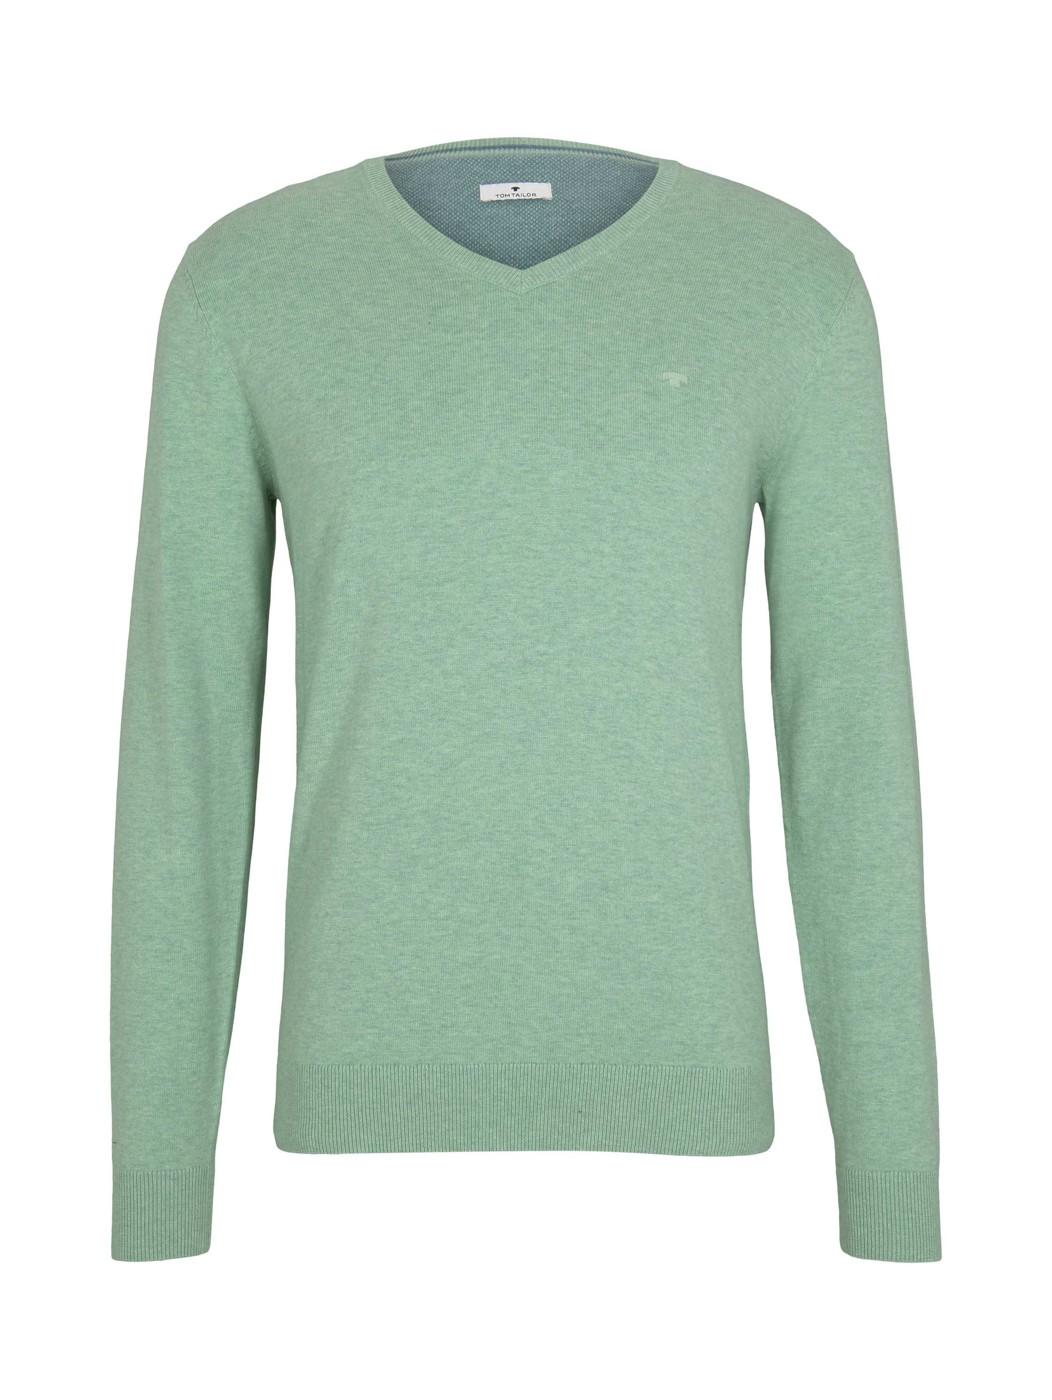 basic v neck sweater - Herren